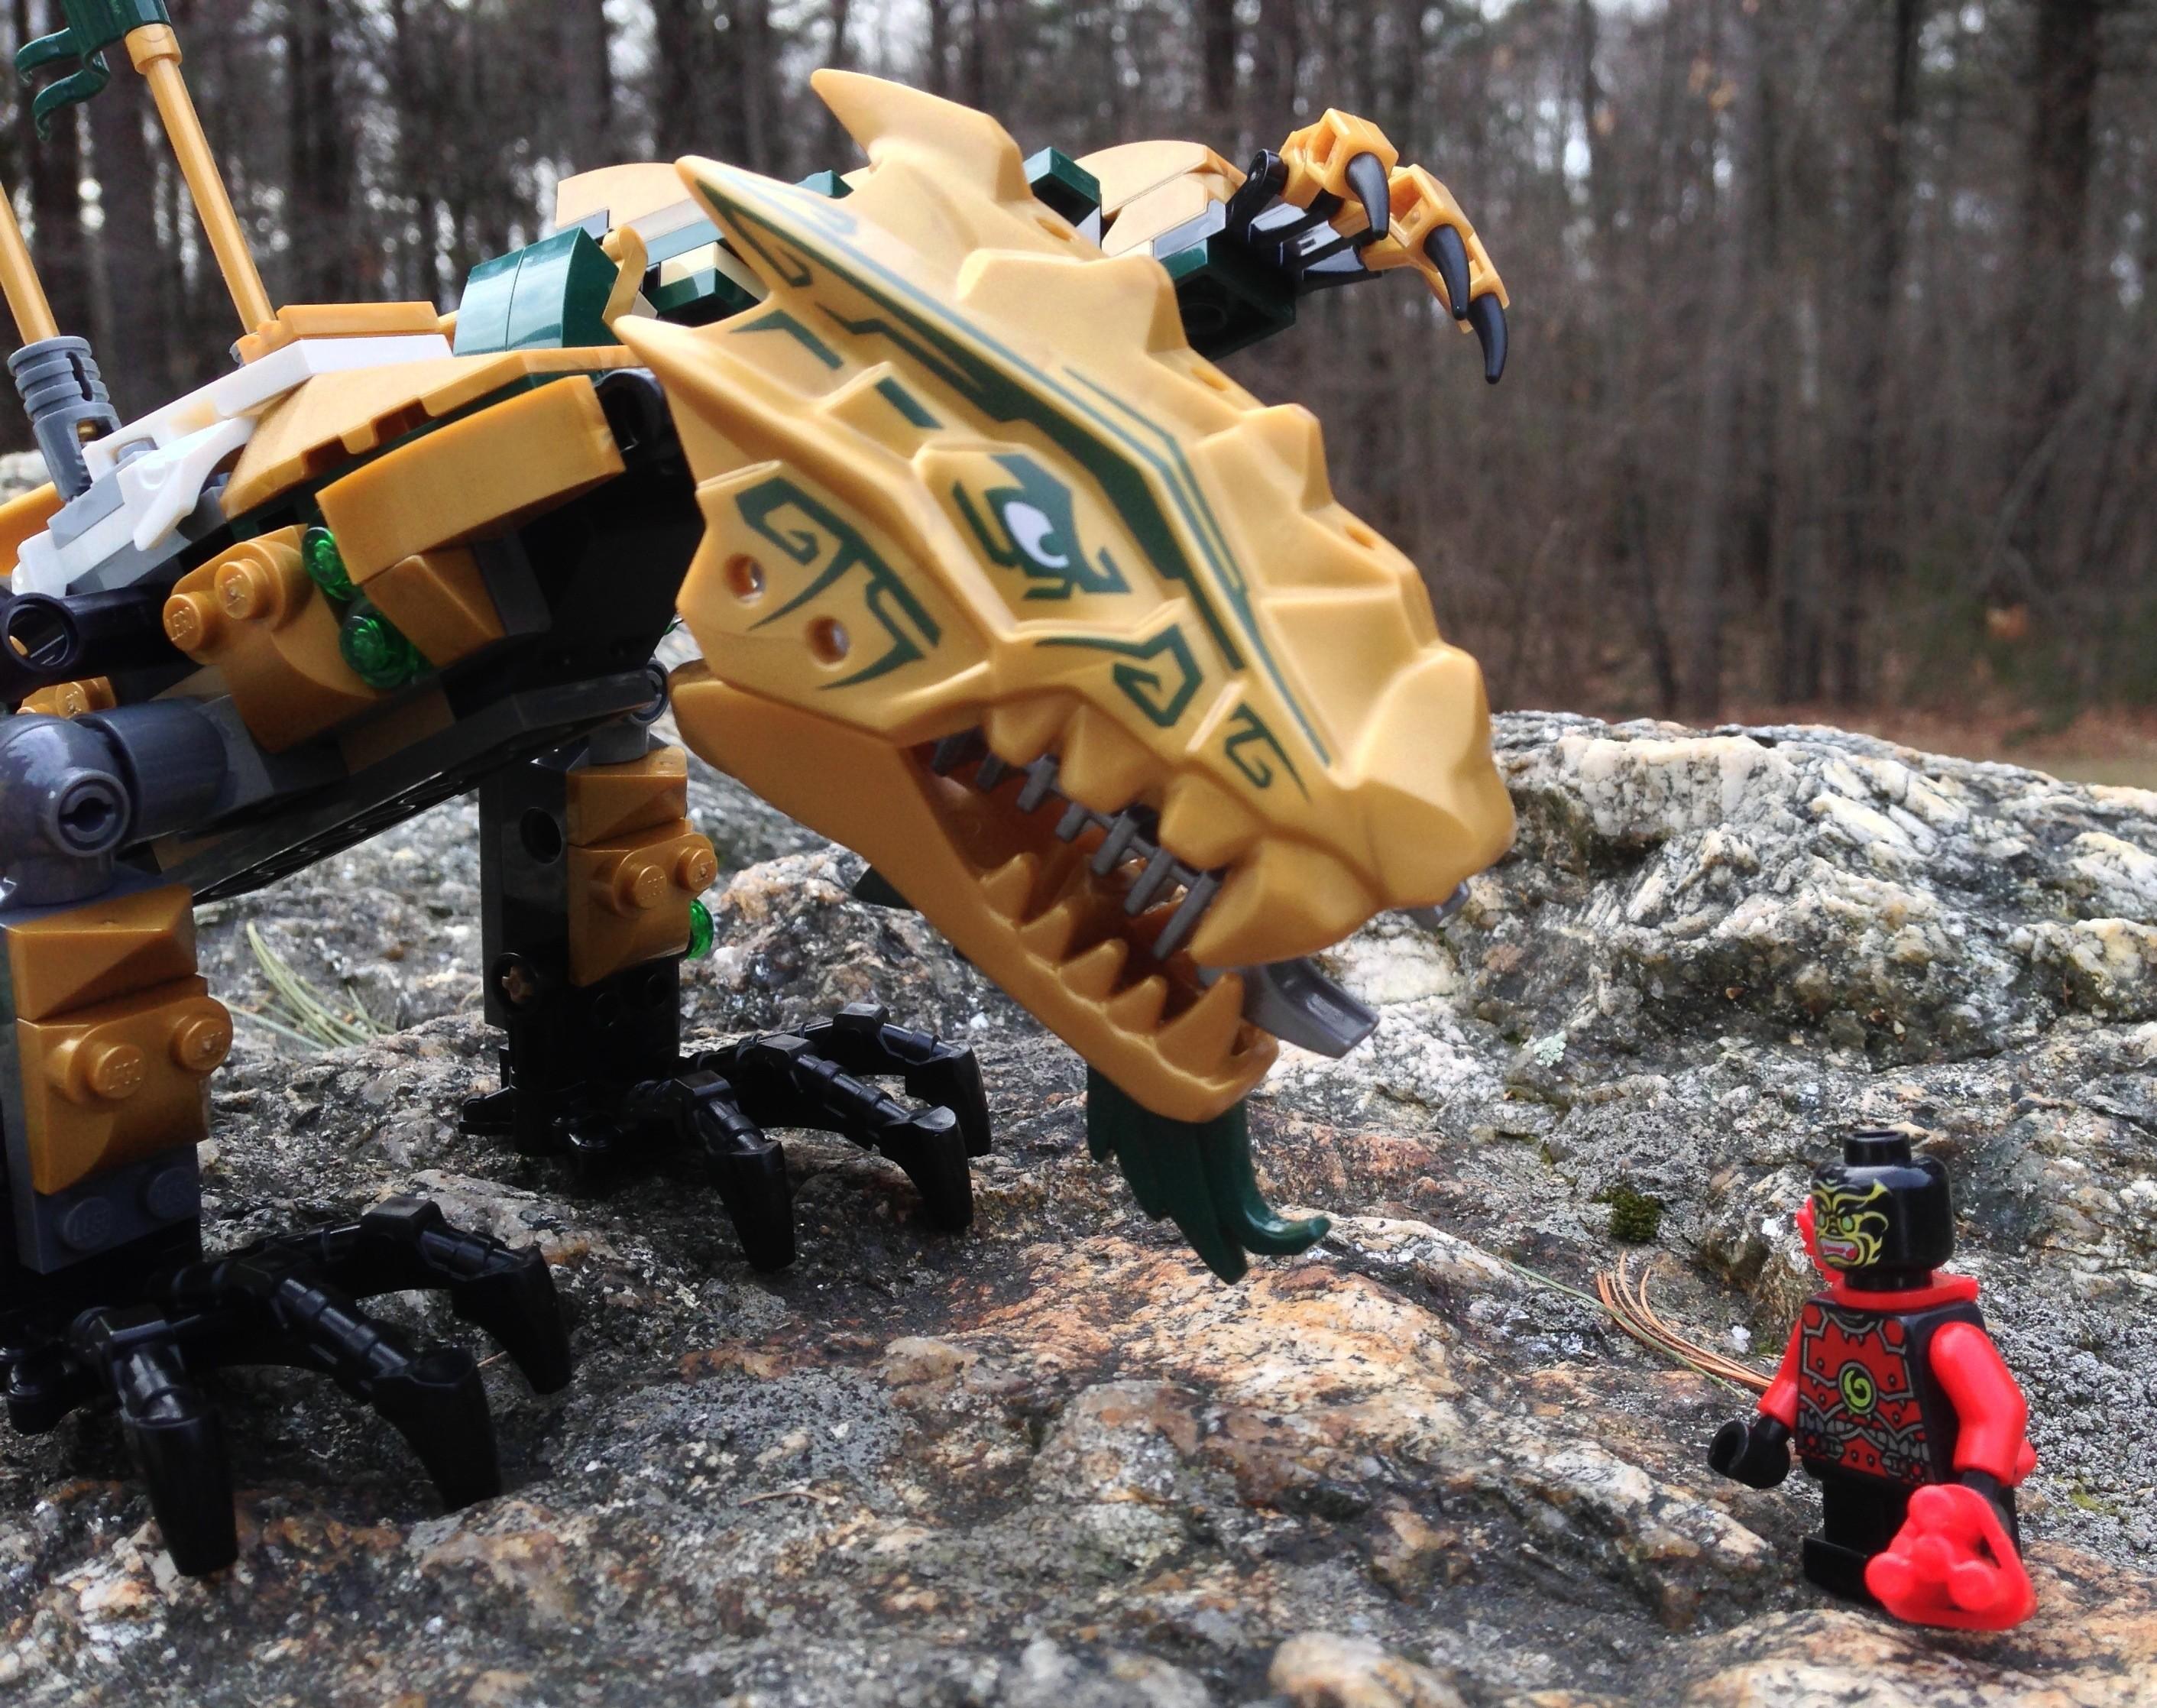 LEGO Ninjago Golden Dragon 70503 Review & Photos - Bricks ...